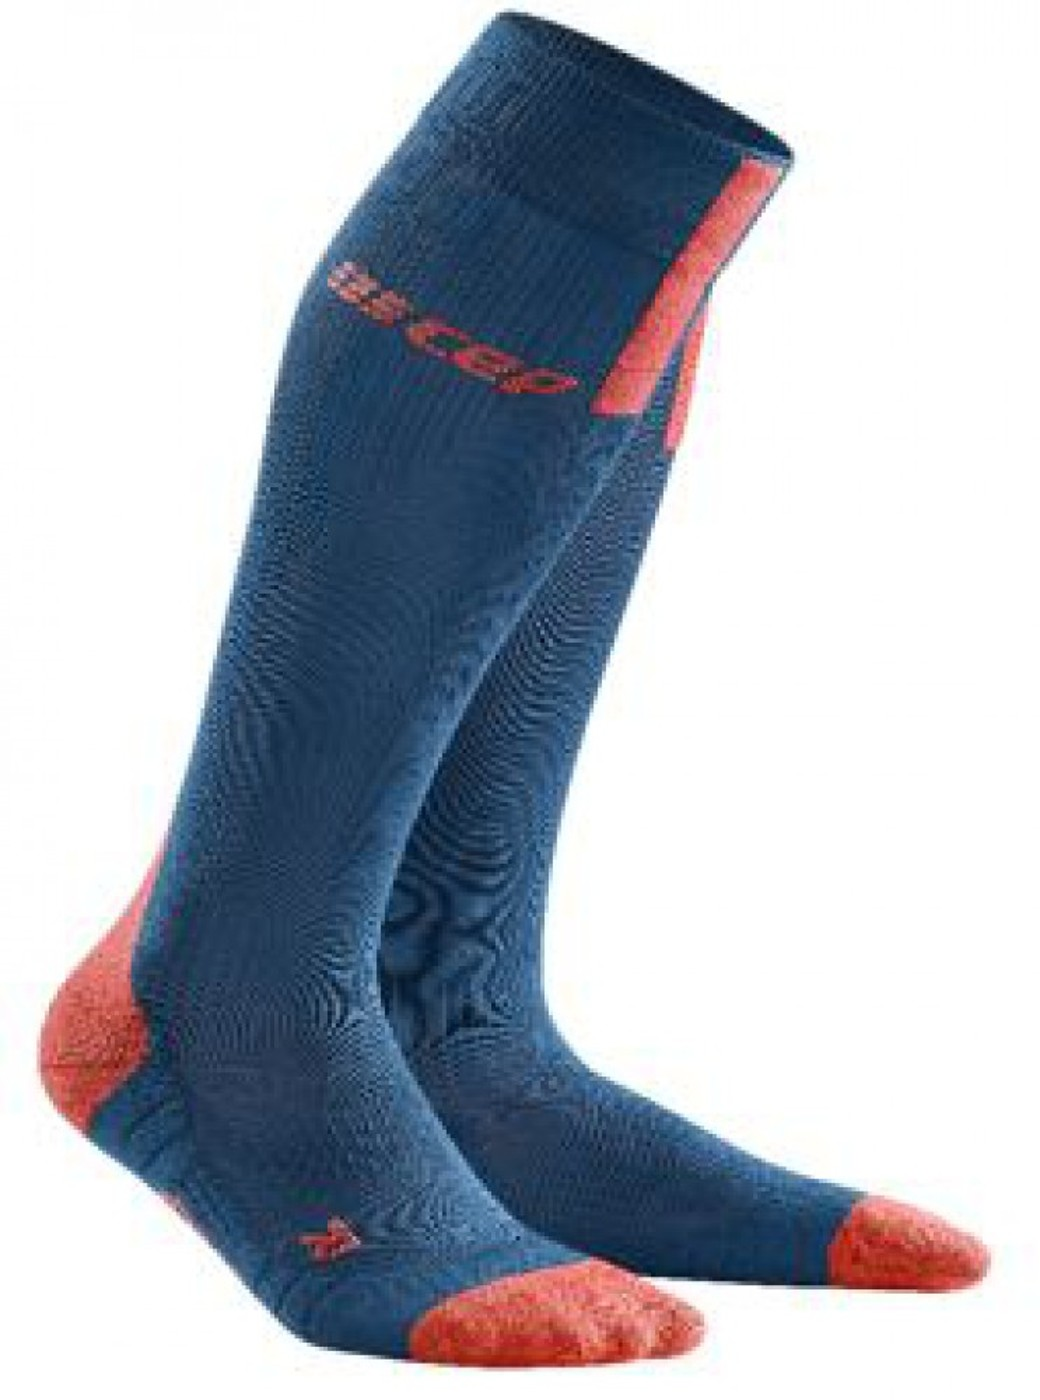 CEP knee high run socks 3.0 - Damen